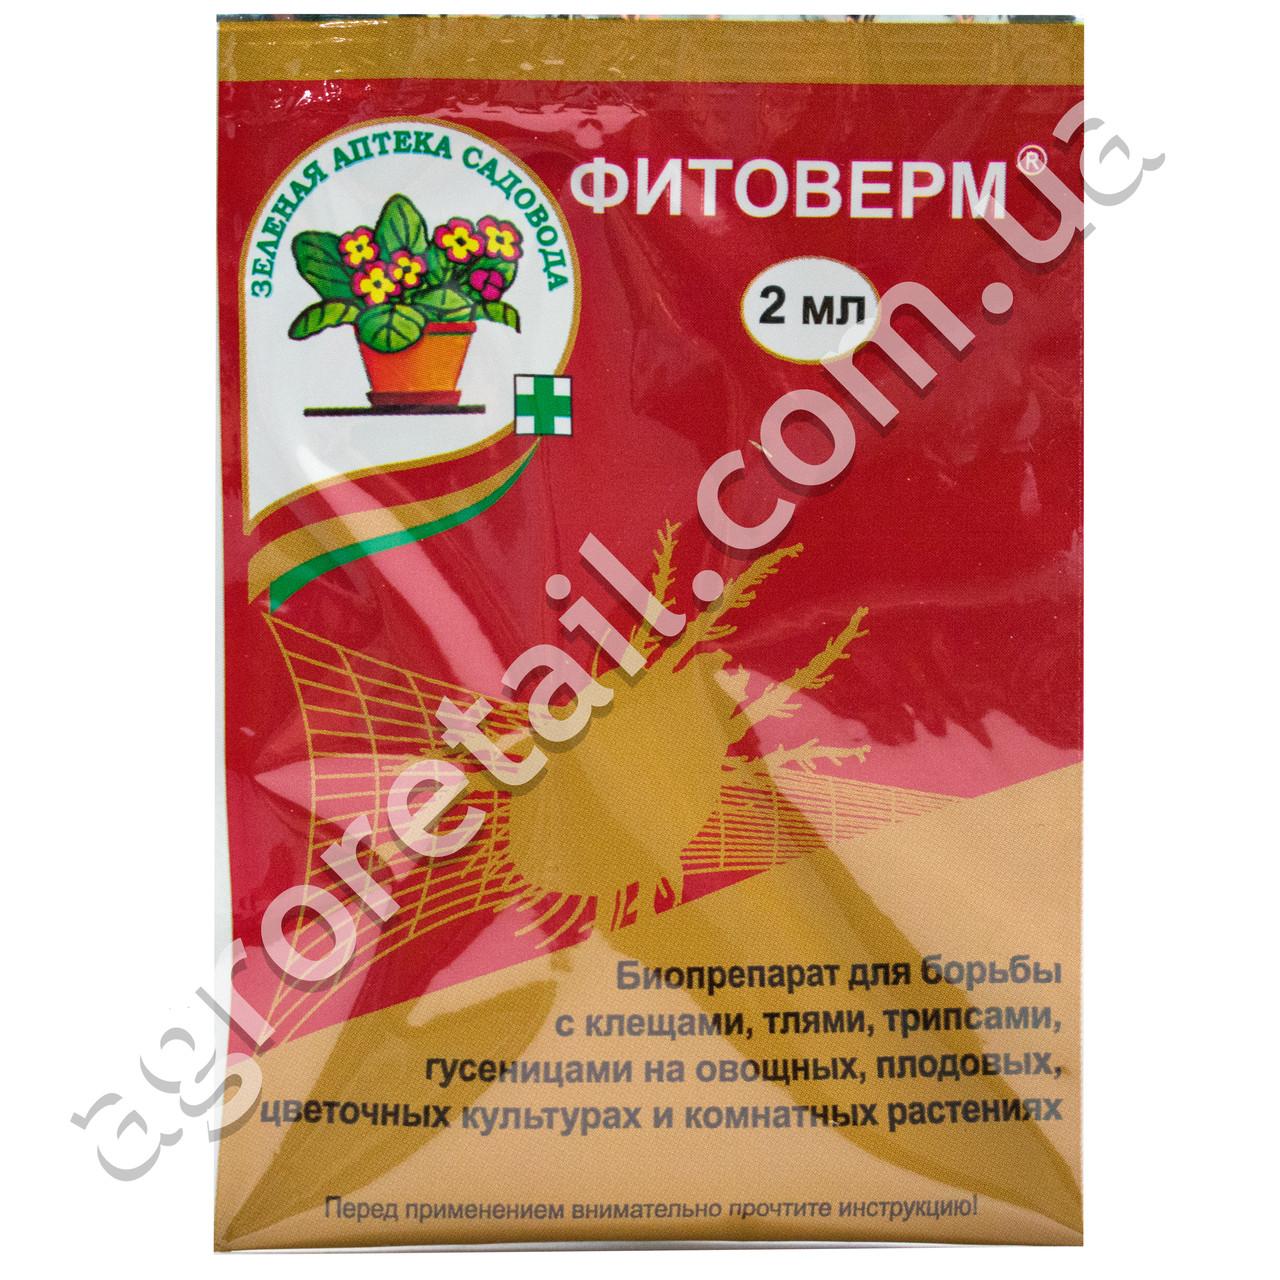 Биоинсектицид Фитоверм 1% к.э 2 мл